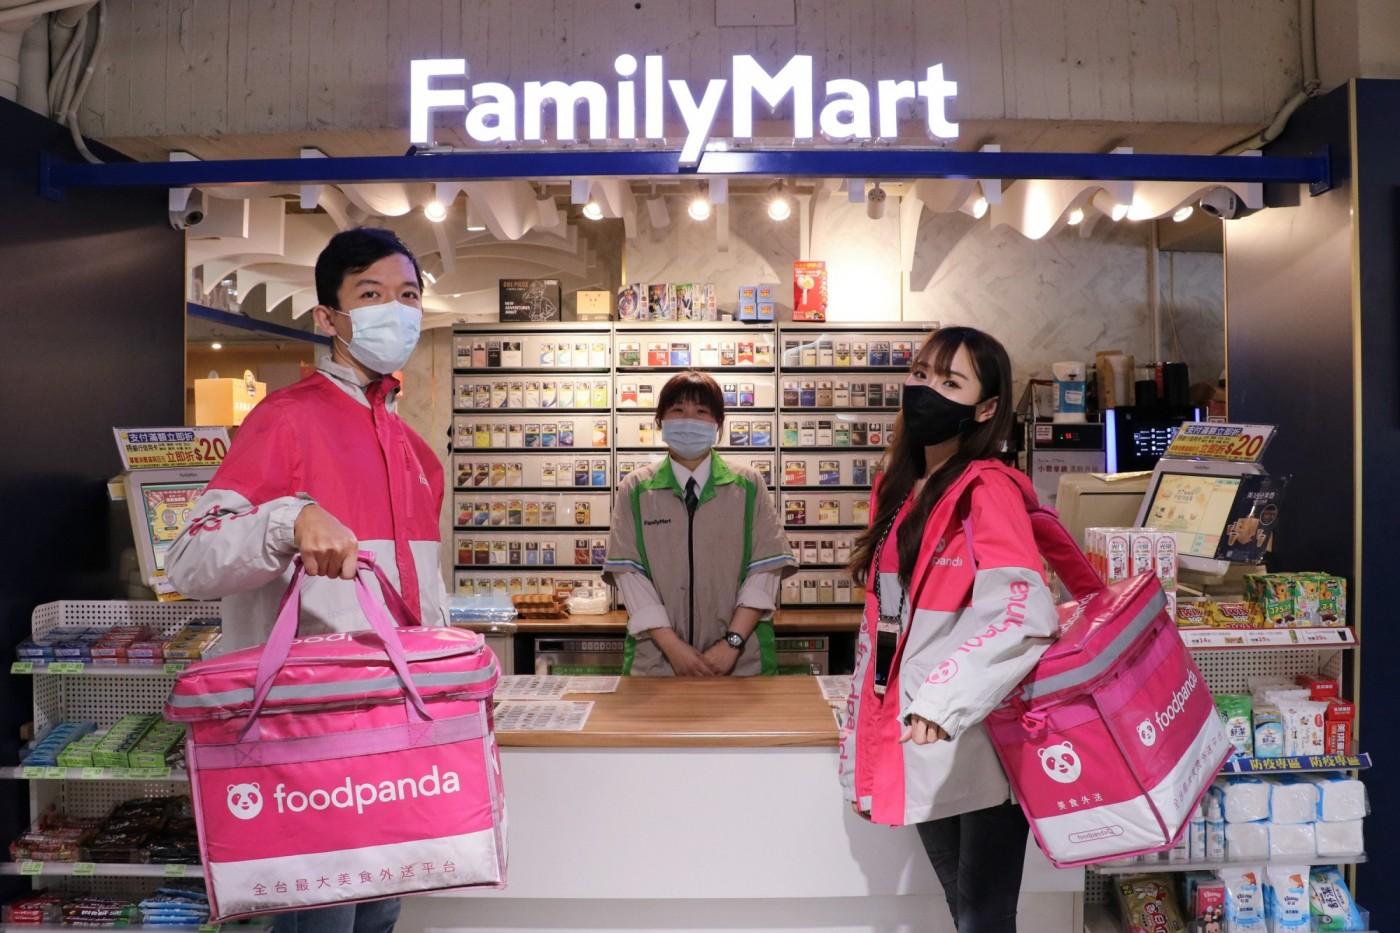 全家上架Foodpanda!4大超商瘋外送,滿足哪些購物需求?